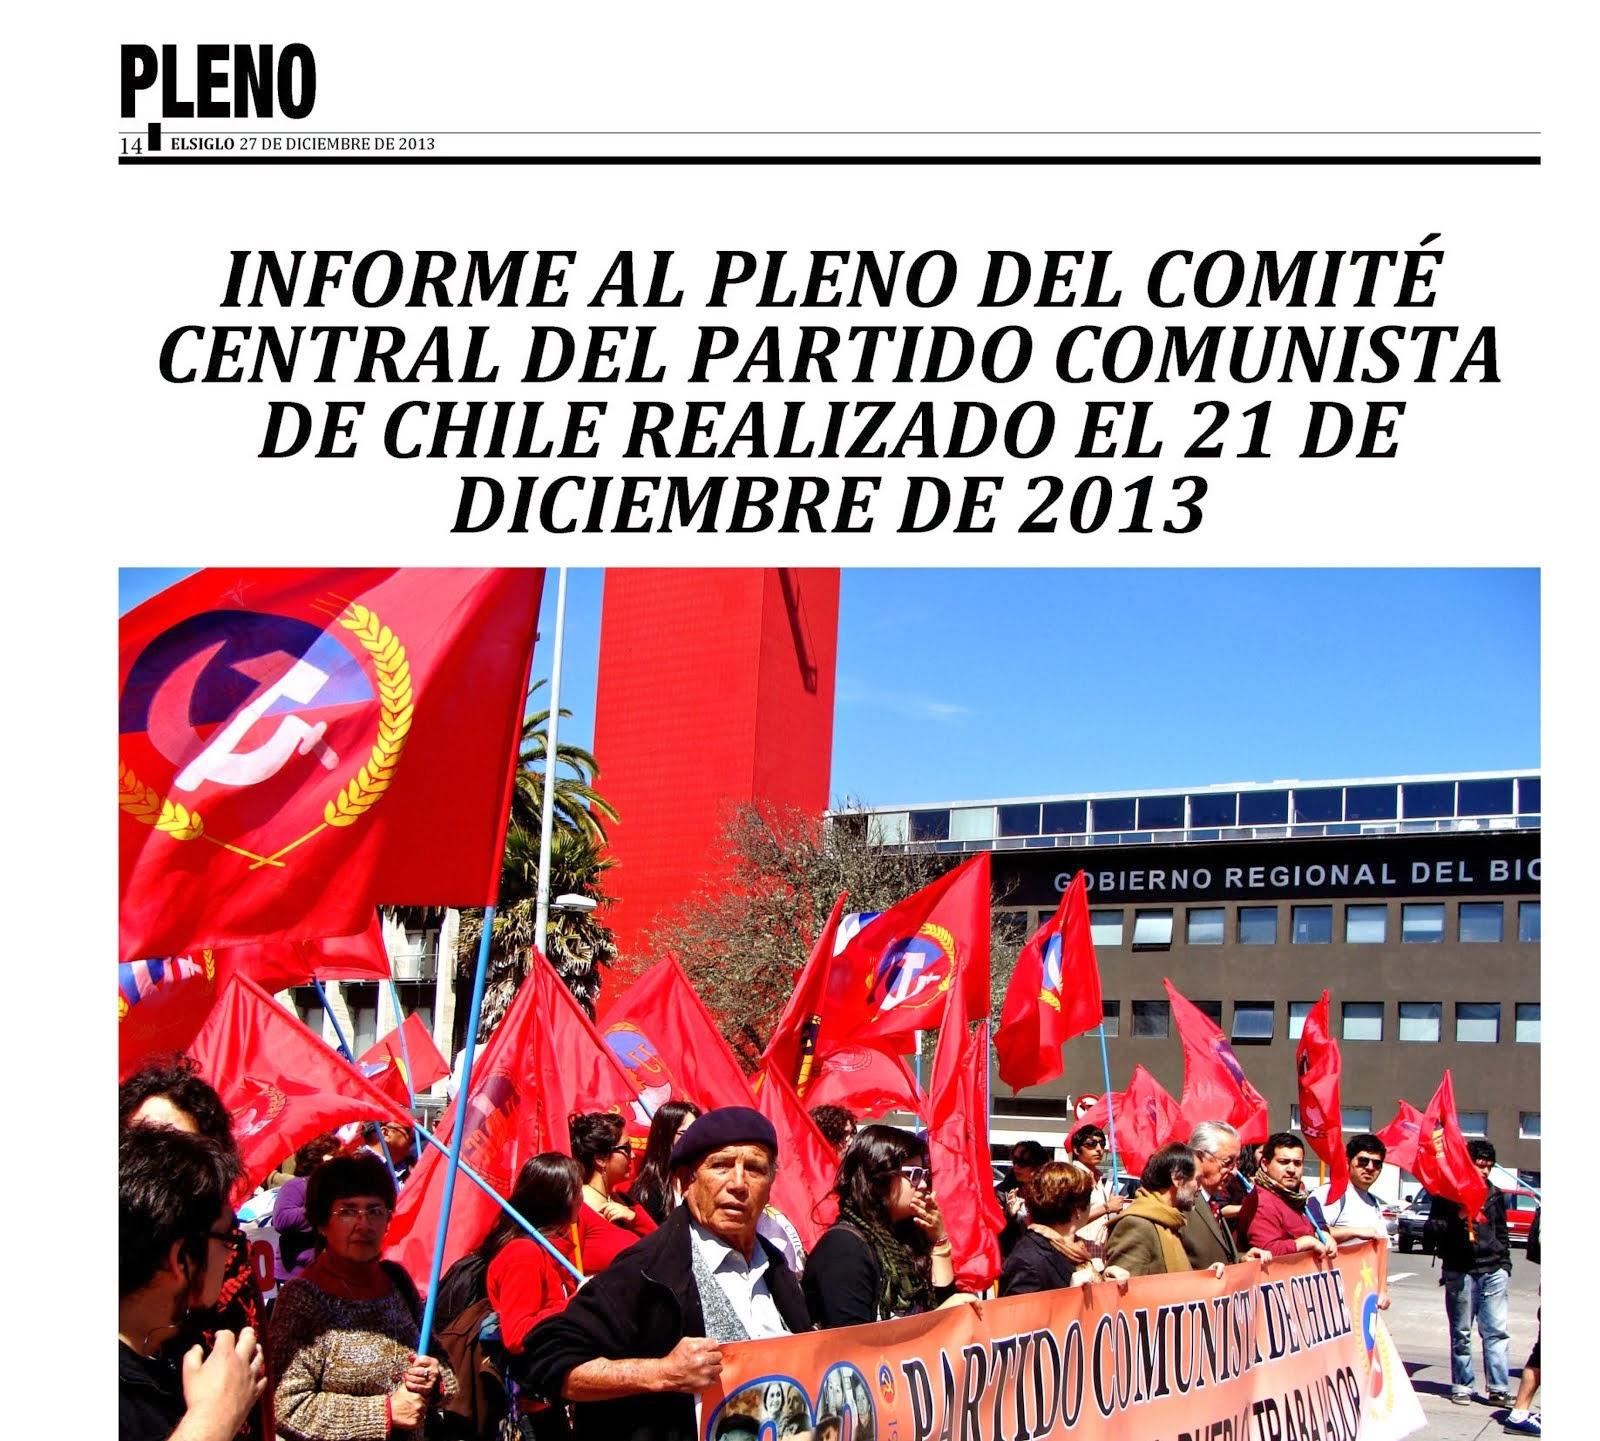 INFORME AL PLENO DEL COMITE CENTRAL DEL PARTIDO COMUNISTA DE CHILE